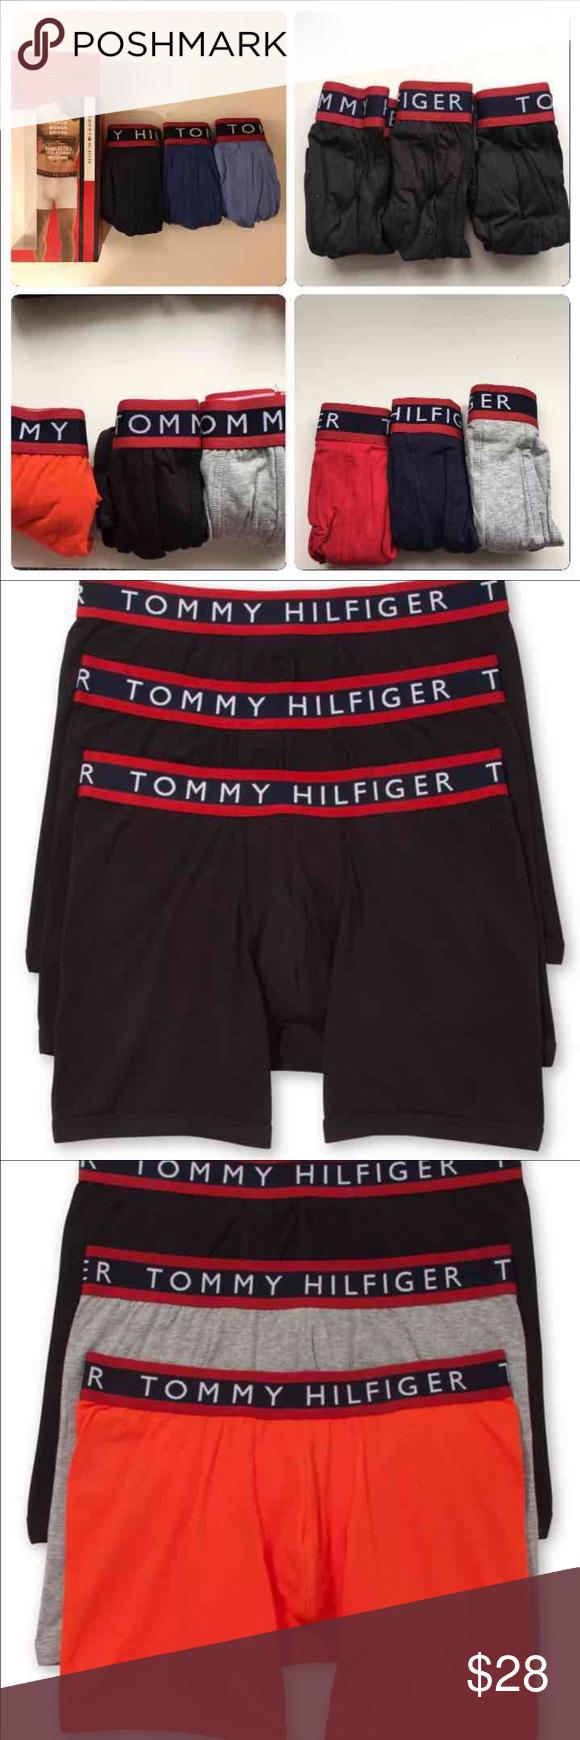 d16e8cd44439 Tommy Hilfiger men underwear 3 pack Brand new boxer briefs Tommy Hilfiger  Underwear & Socks Boxer Briefs